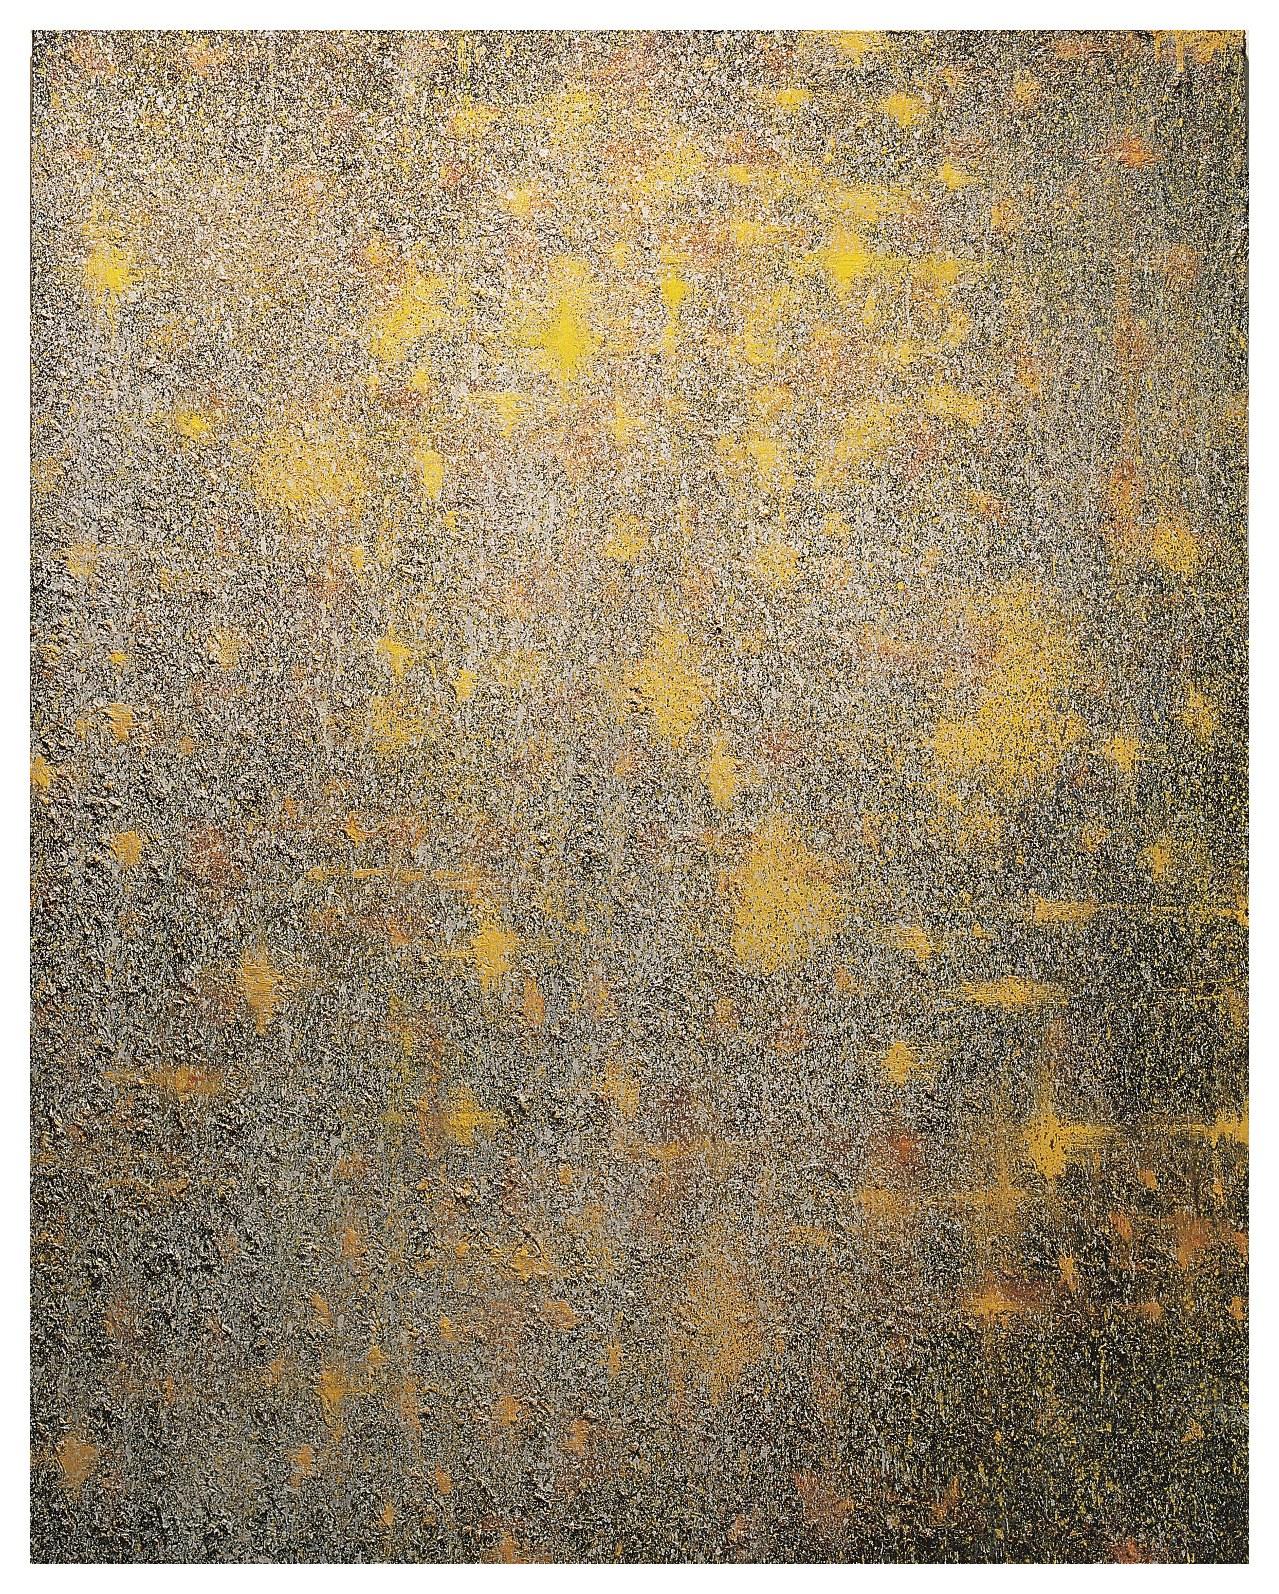 春(對永恆的冥想01-10)  Spring (Meditation on Eternity 01-10) 2001 油彩、畫布 190x150cm